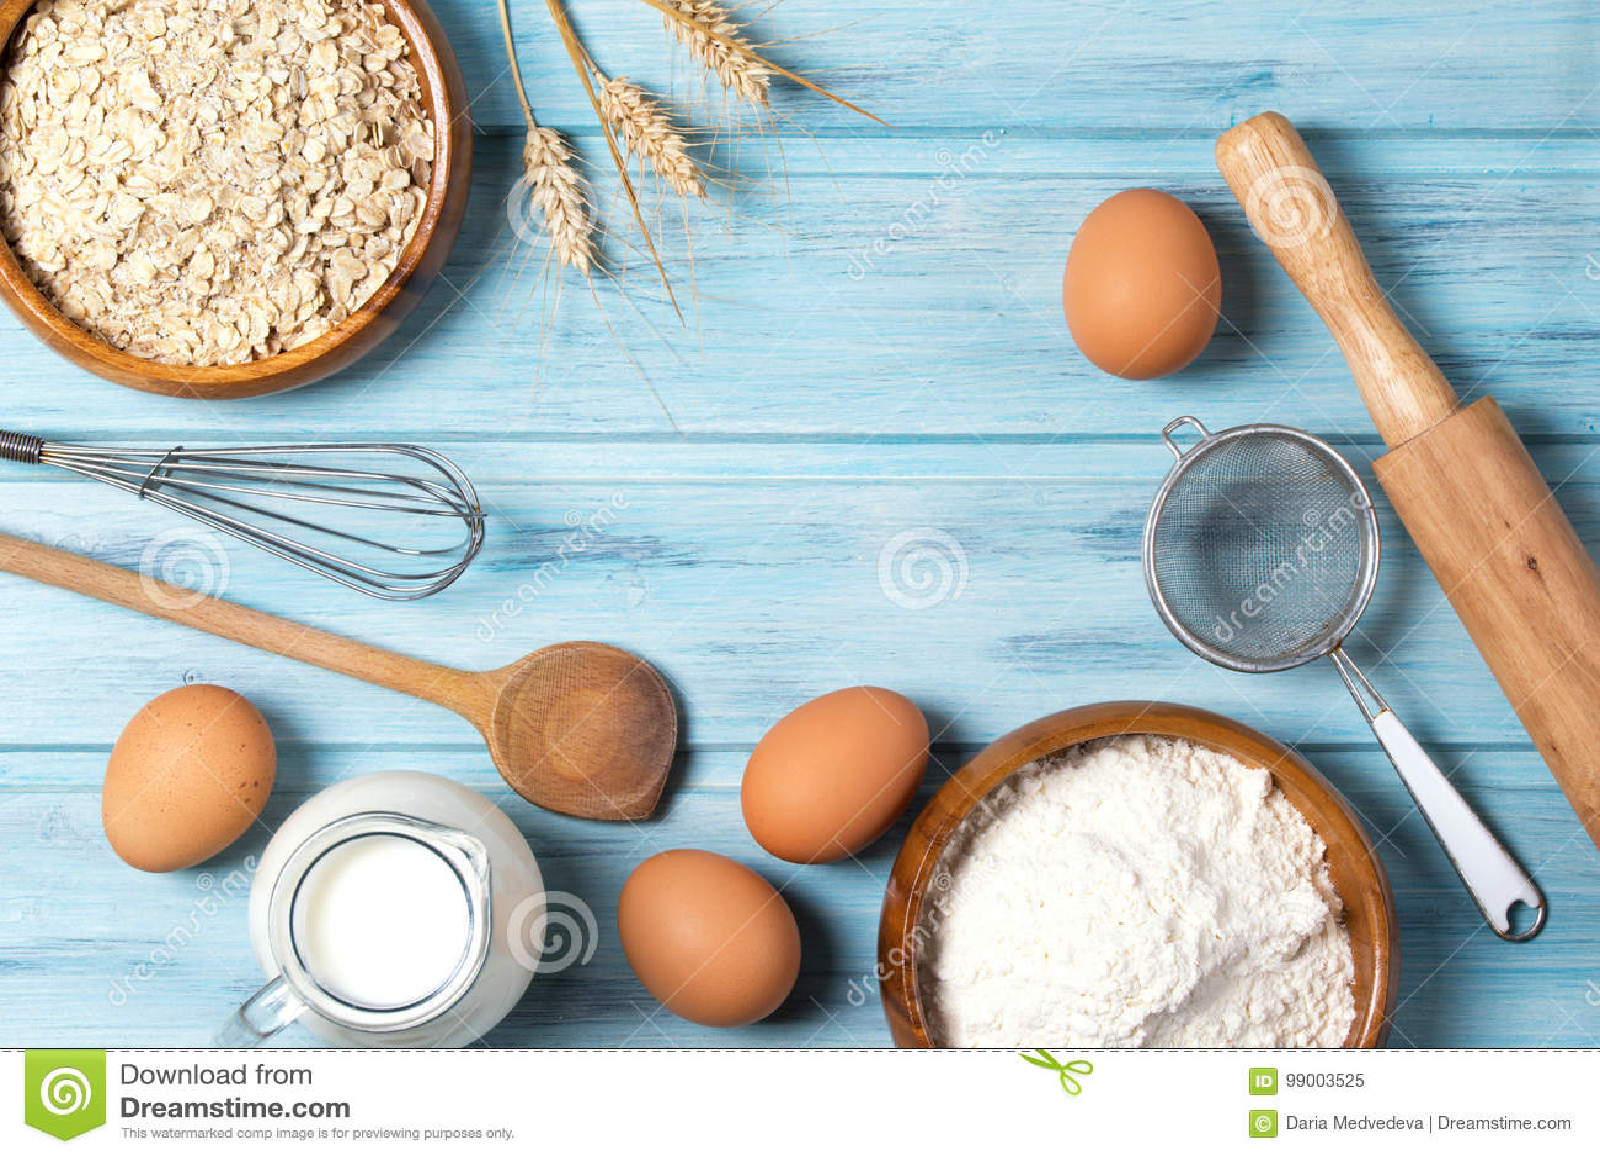 Bestandteile für das Backen, Milch, Eier, Weizenmehl, Hafer und Küchengeschirr auf blauem hölzernem Hintergrund, Draufsicht